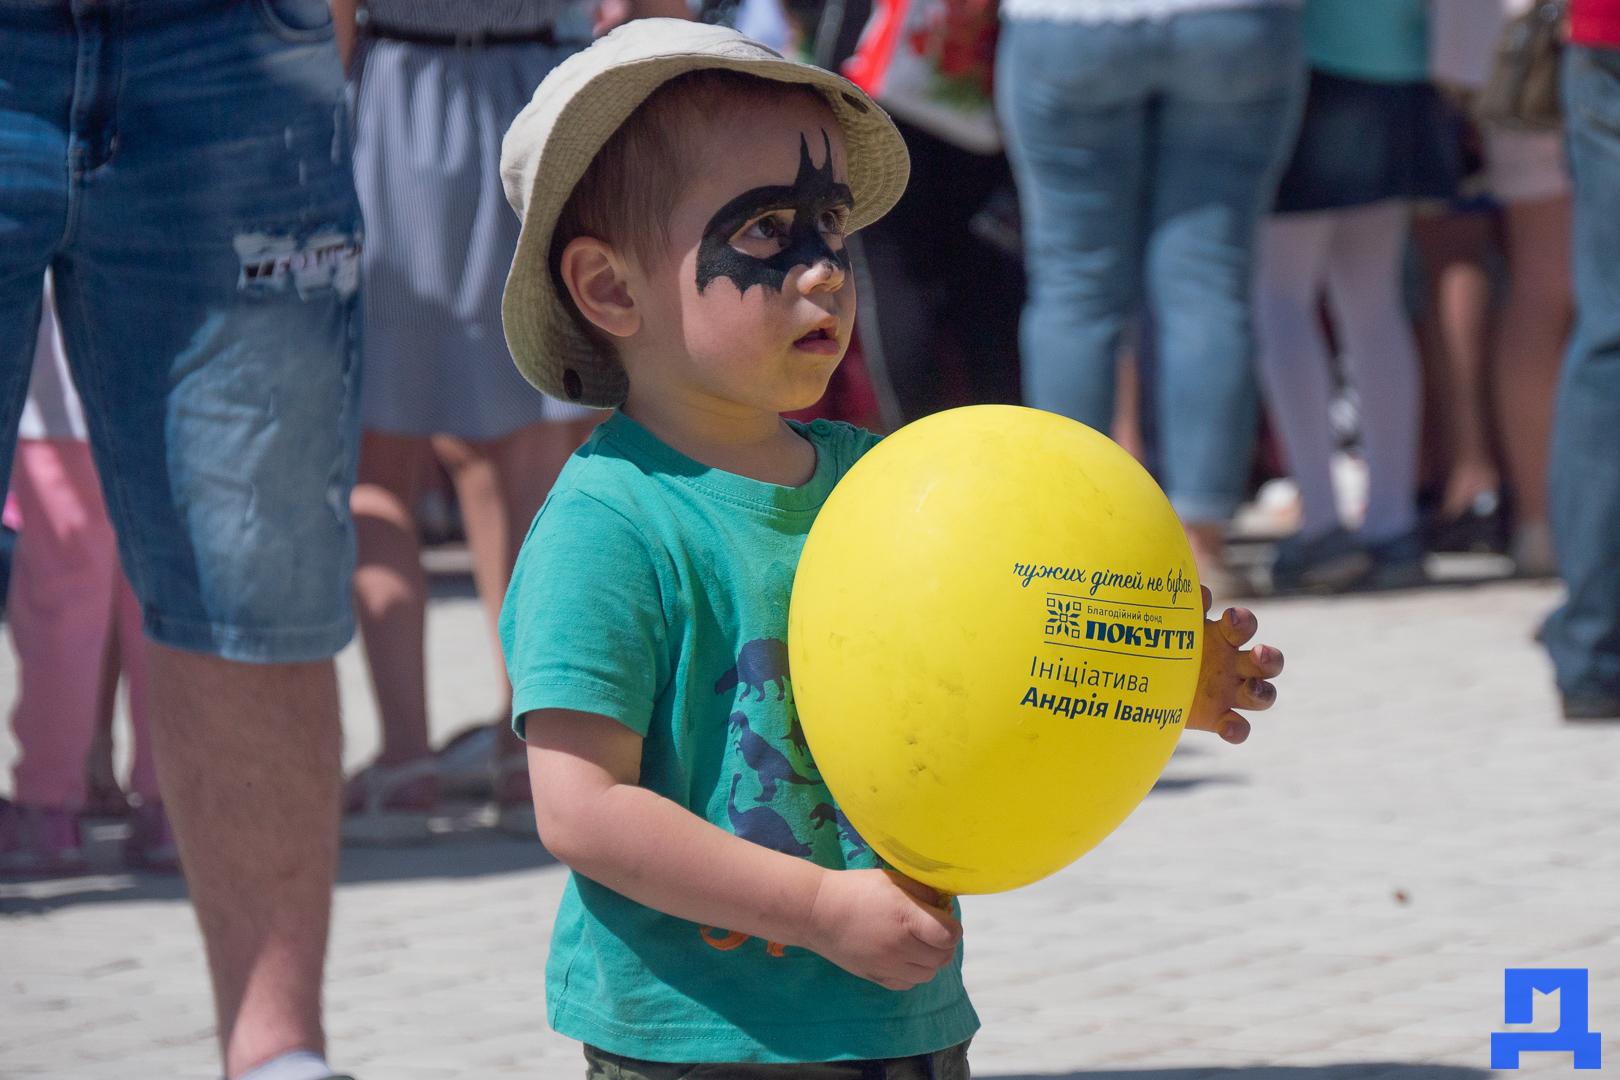 Дитячі майданчики та комп'ютерні класи: у Городенці яскраво відзначили день захисту дітей. ФОТО 10